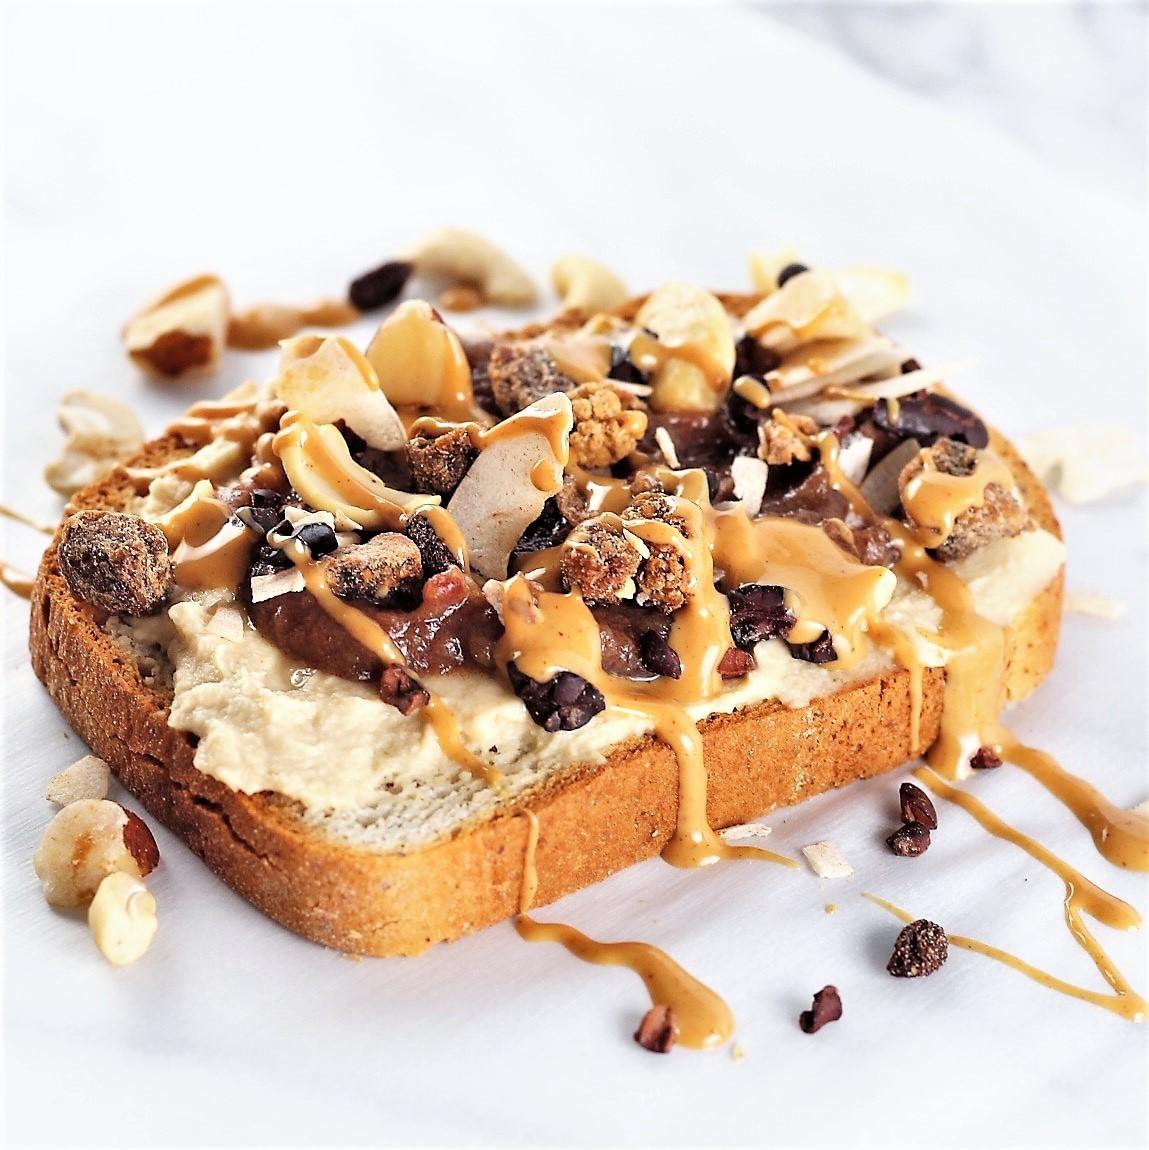 hummus & date toast